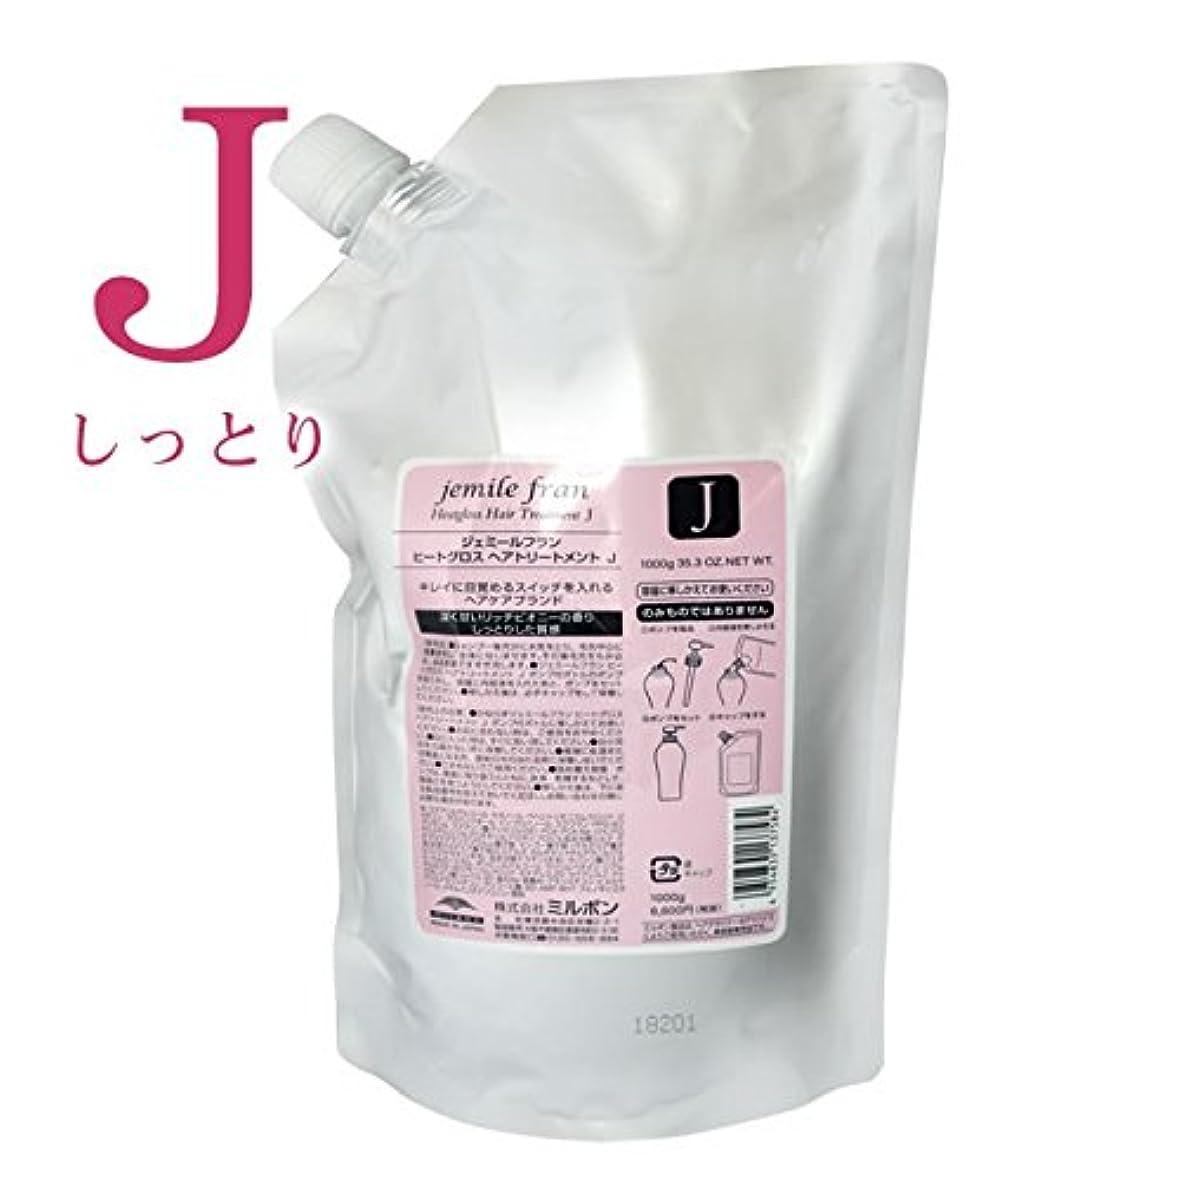 桃豚肉つまずくミルボン|ジェミールフラン ヒートグロス トリートメントJ 1000g (詰替用)